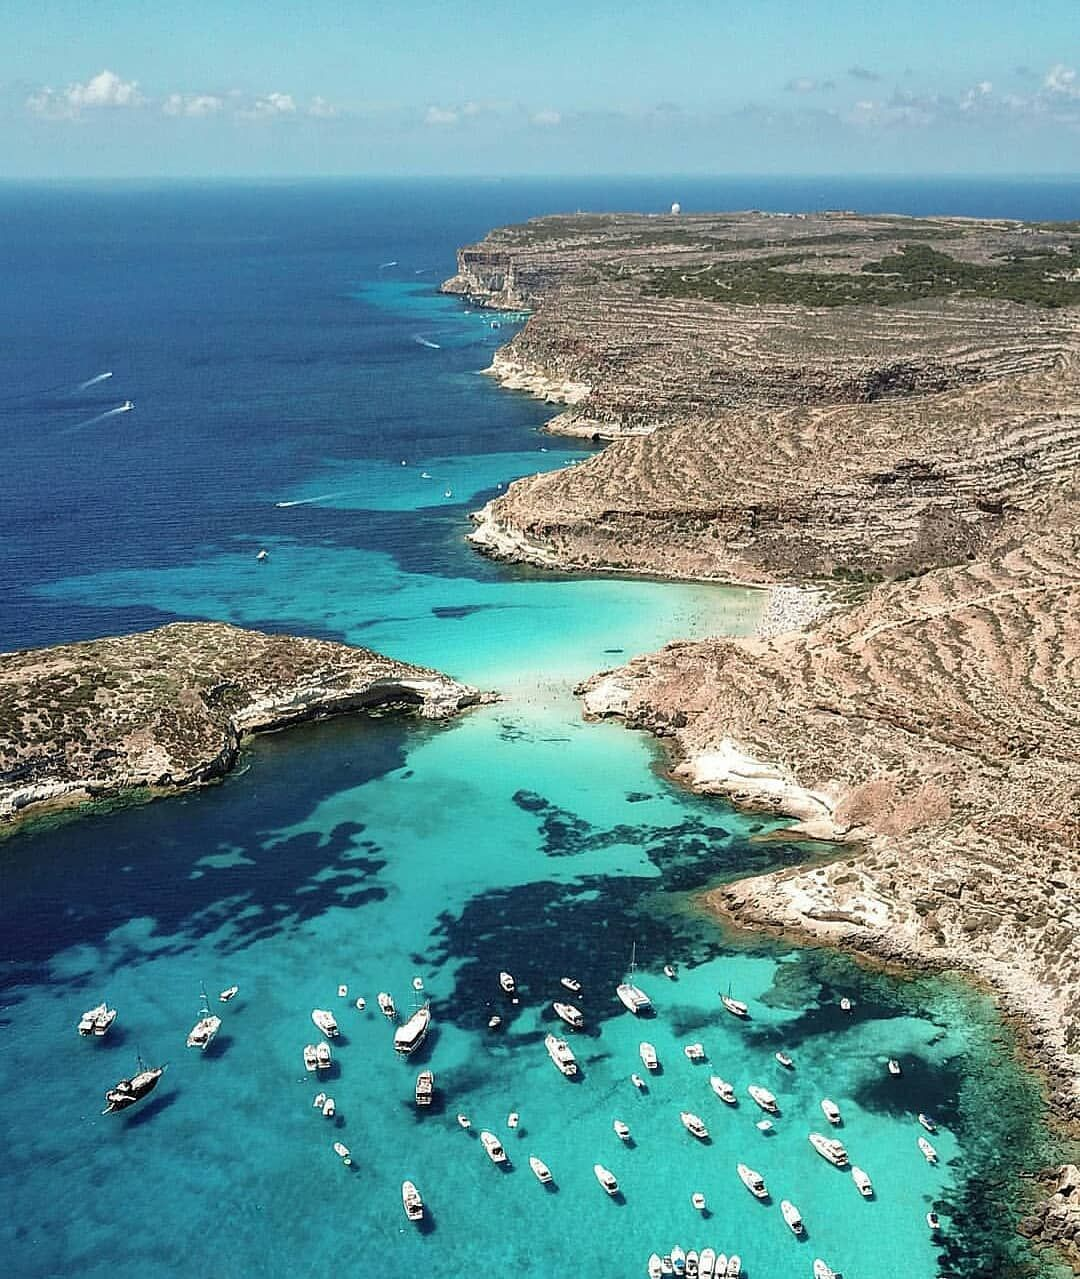 Visit Sicily Isola Dei Conigli A Lampedusa Un Paradiso Senza Eguali Foto Di Tave596 Isola Dei Conigli I Sicilia Foto Isola